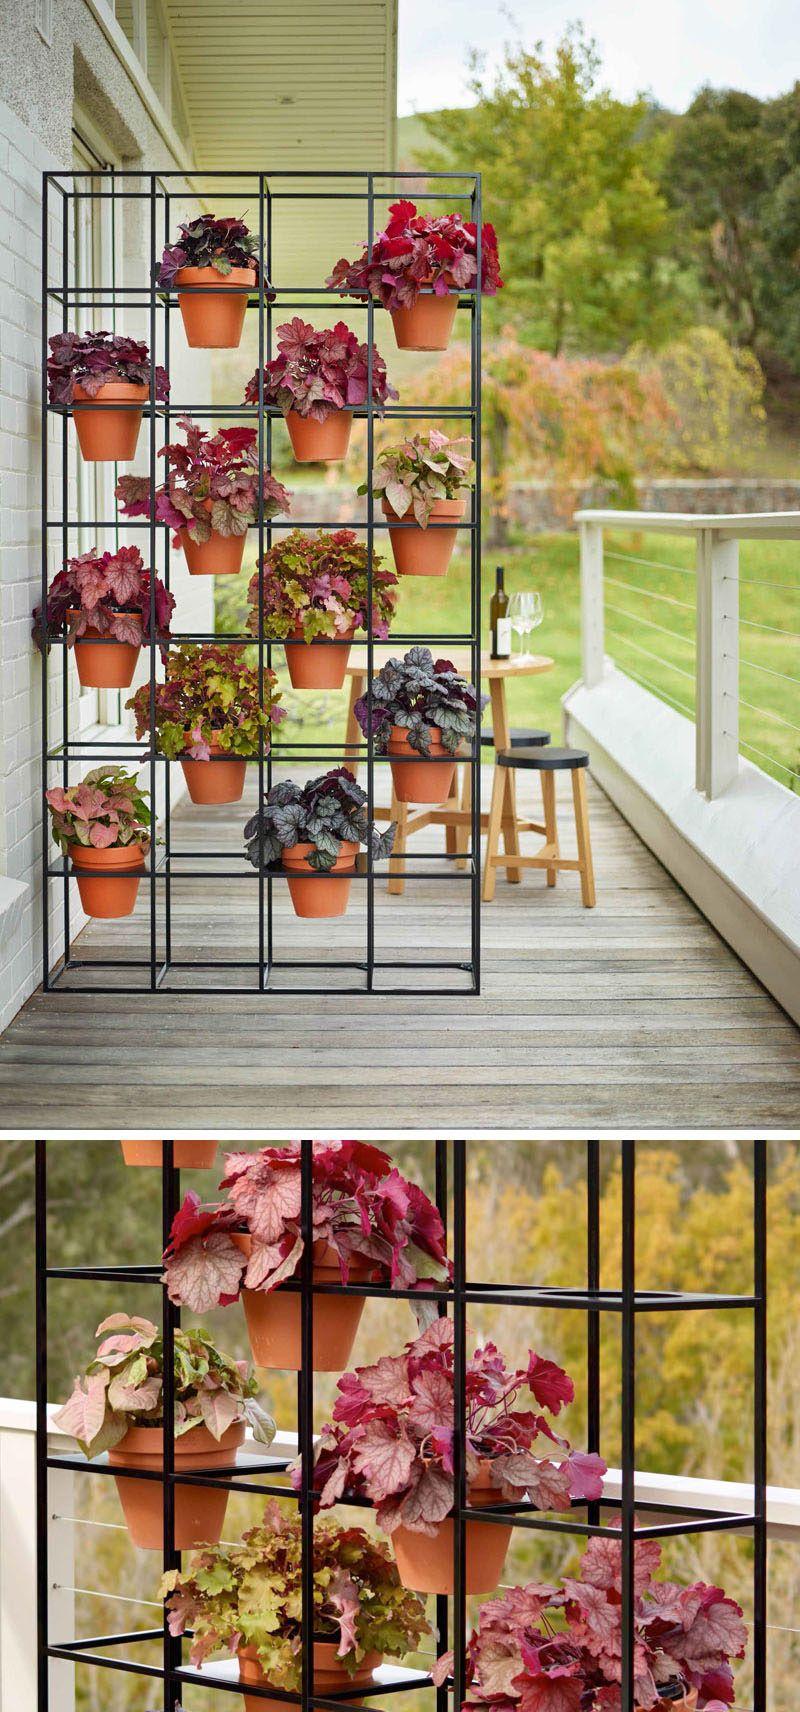 utilisez un jardin vertical autonome l 39 ext rieur pour cr er une s paration entre les espaces. Black Bedroom Furniture Sets. Home Design Ideas